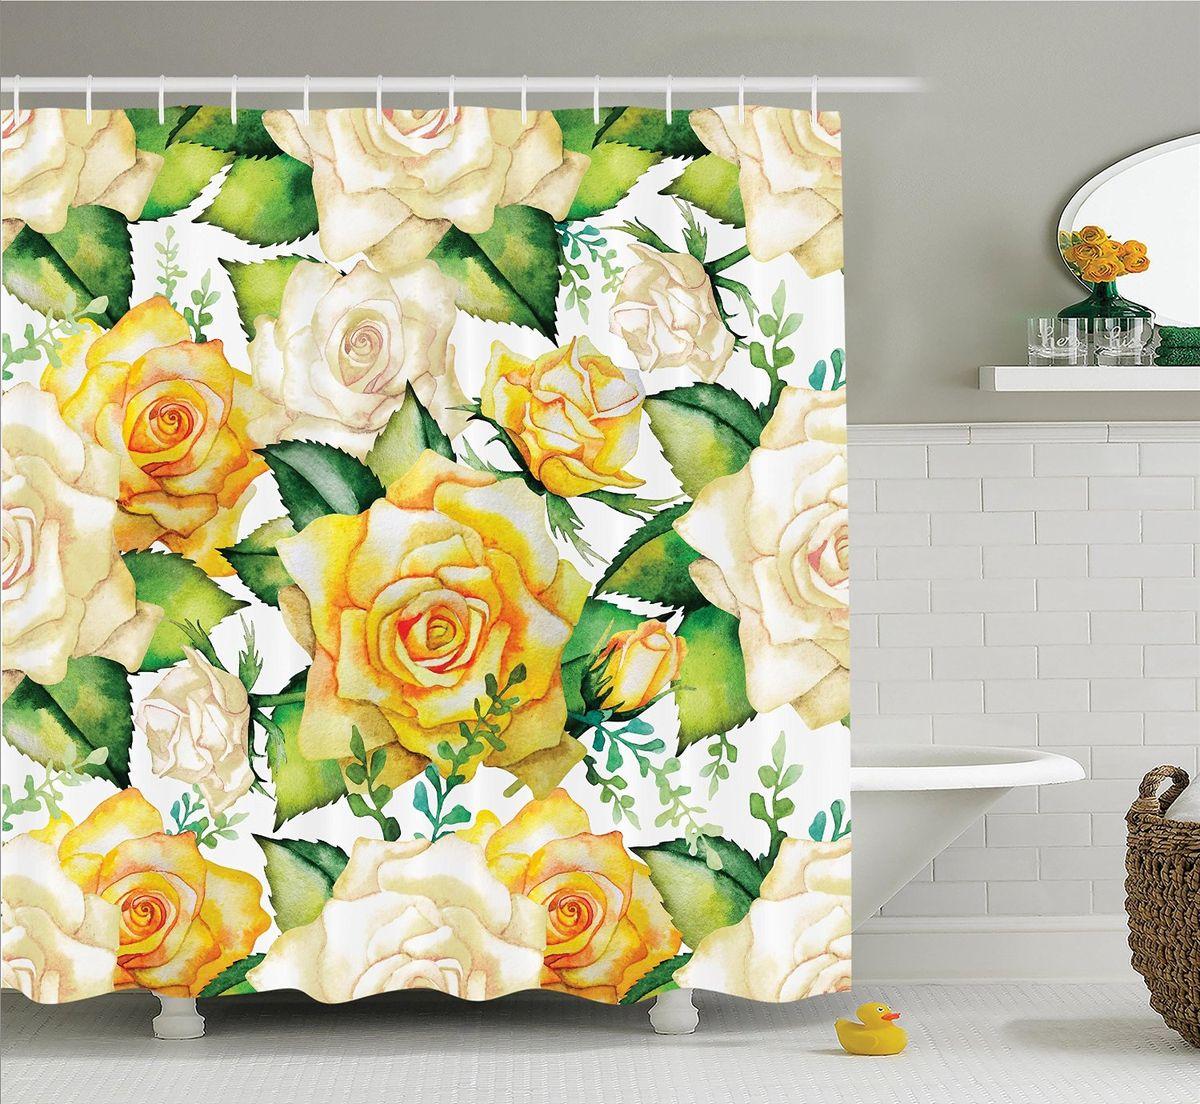 Штора для ванной комнаты Magic Lady Чайные розы, 180 х 200 смшв_14778Штора Magic Lady Чайные розы, изготовленная из высококачественного сатена (полиэстер 100%), отлично дополнит любой интерьер ванной комнаты. При изготовлении используются специальные гипоаллергенные чернила для прямой печати по ткани, безопасные для человека. В комплекте: 1 штора, 12 крючков. Обращаем ваше внимание, фактический цвет изделия может незначительно отличаться от представленного на фото.